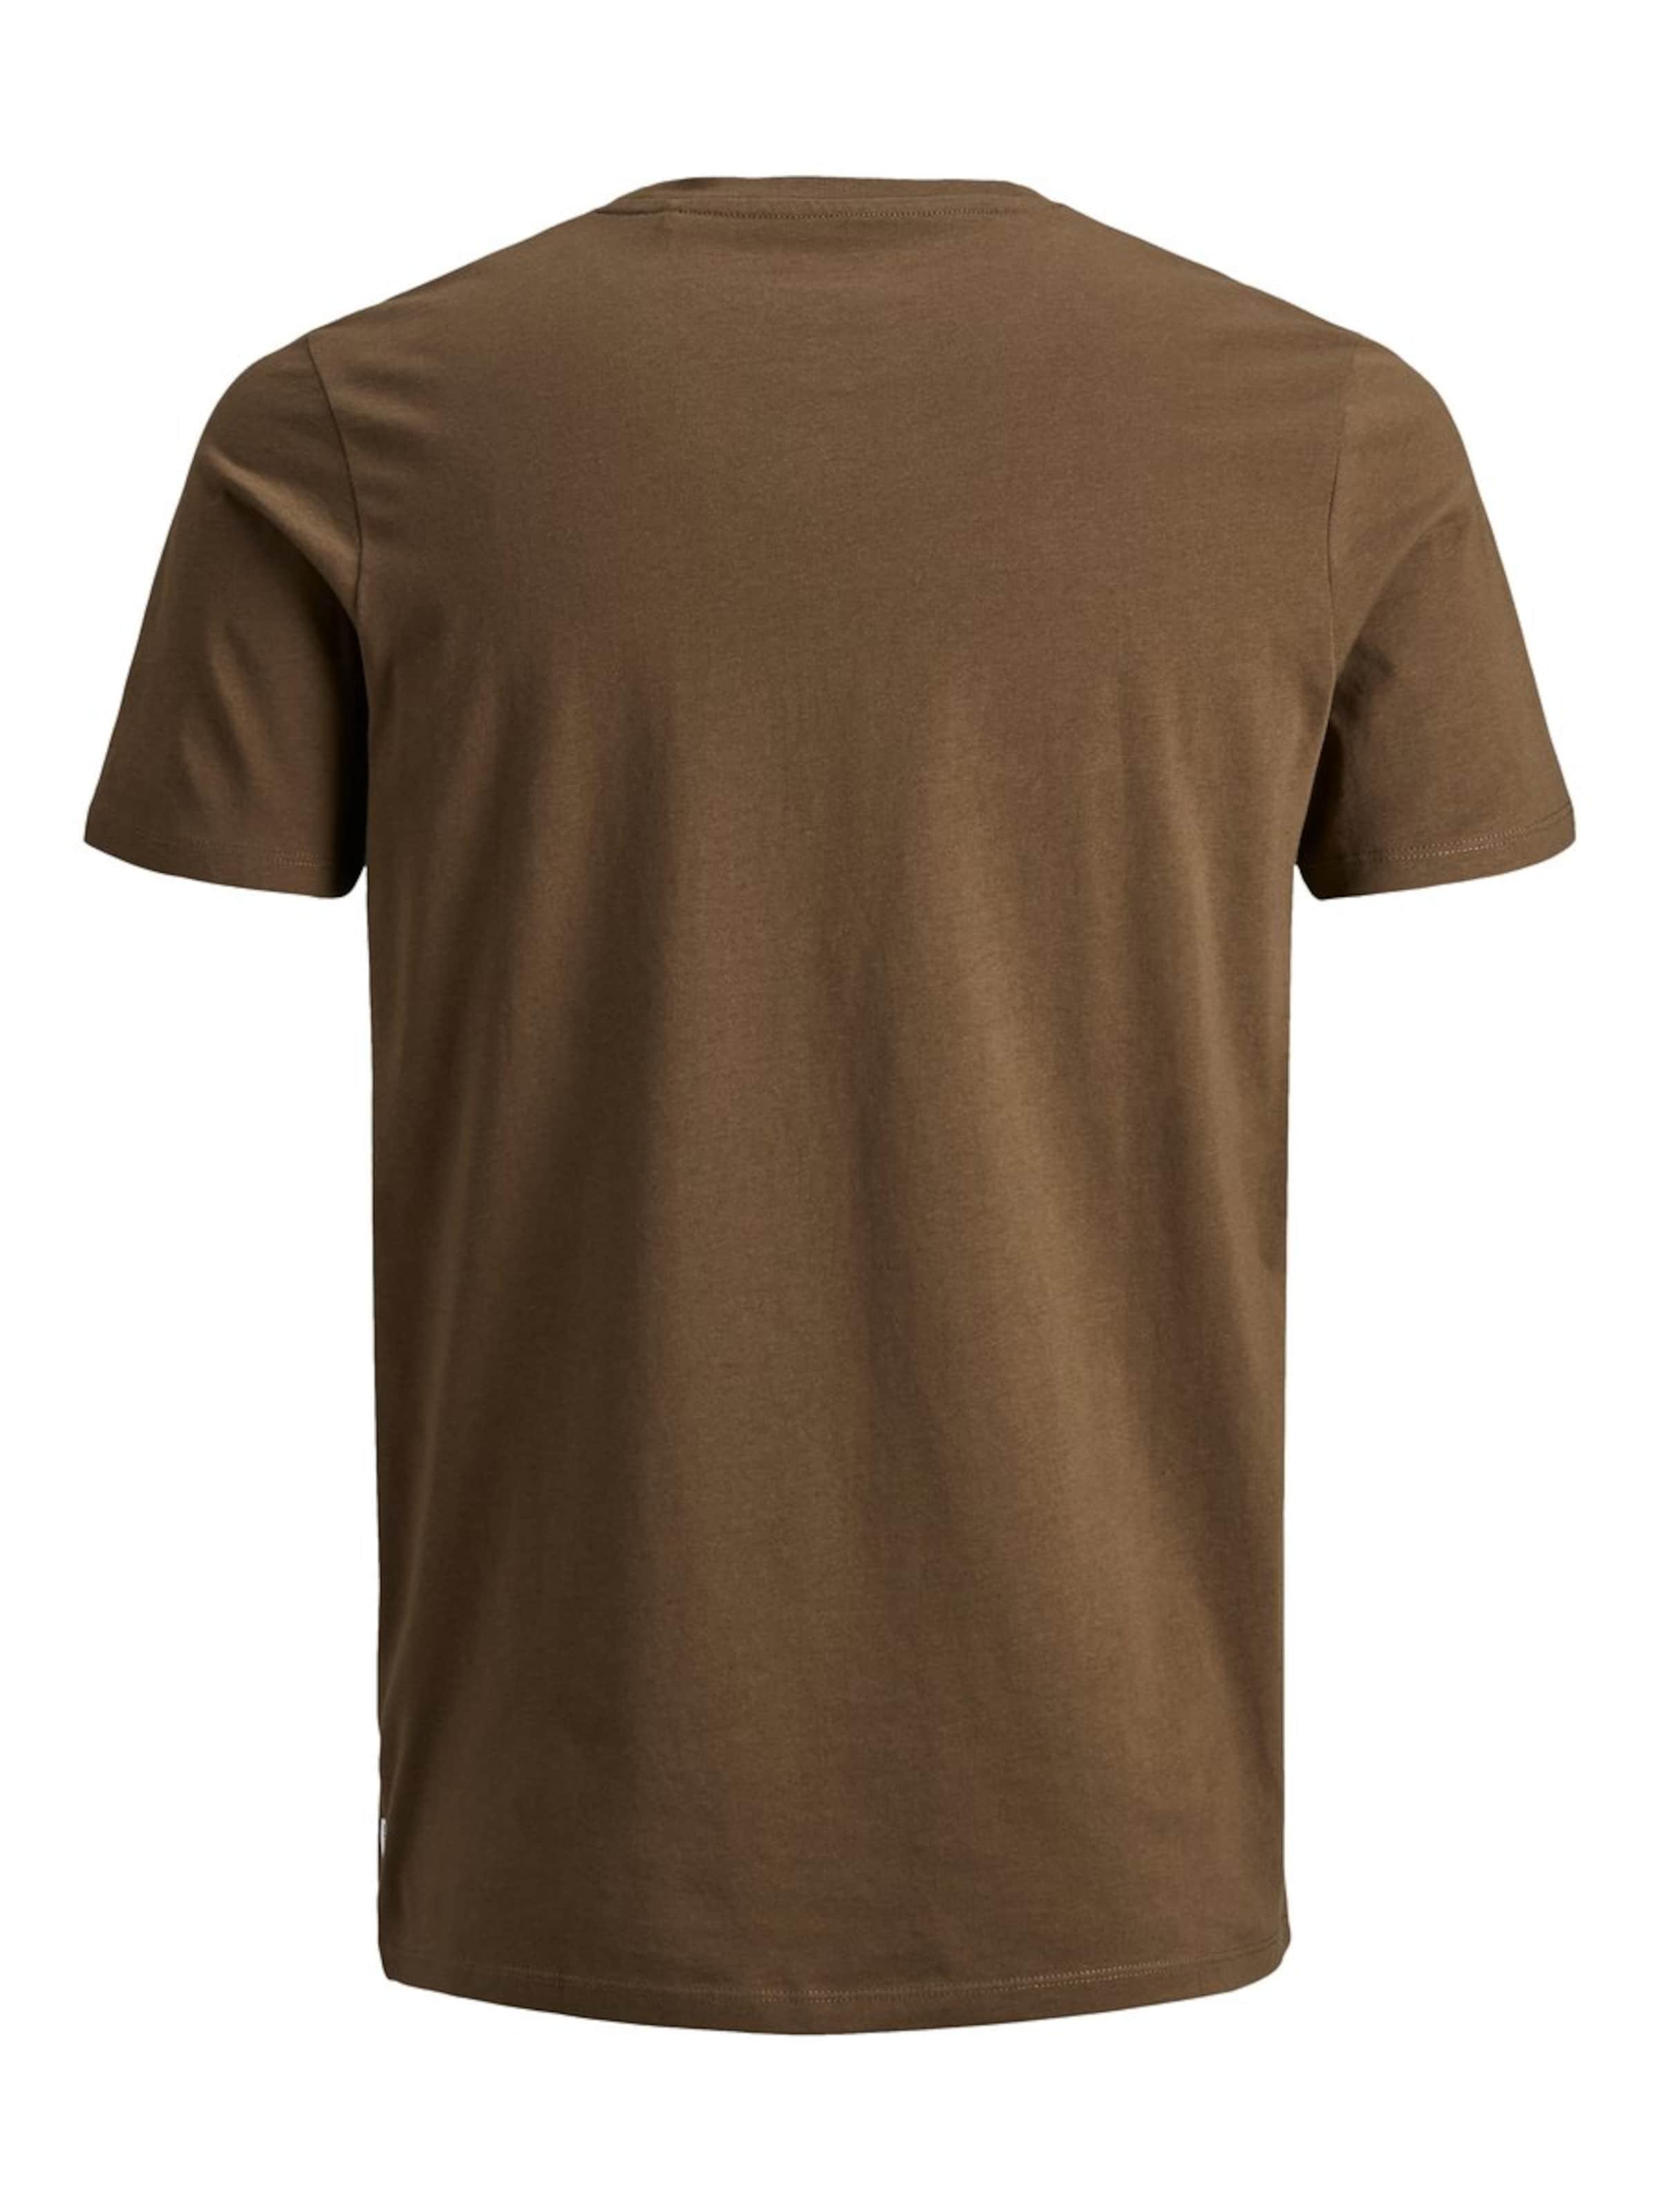 shirt En Marron Jones T Jackamp; kPuXZi